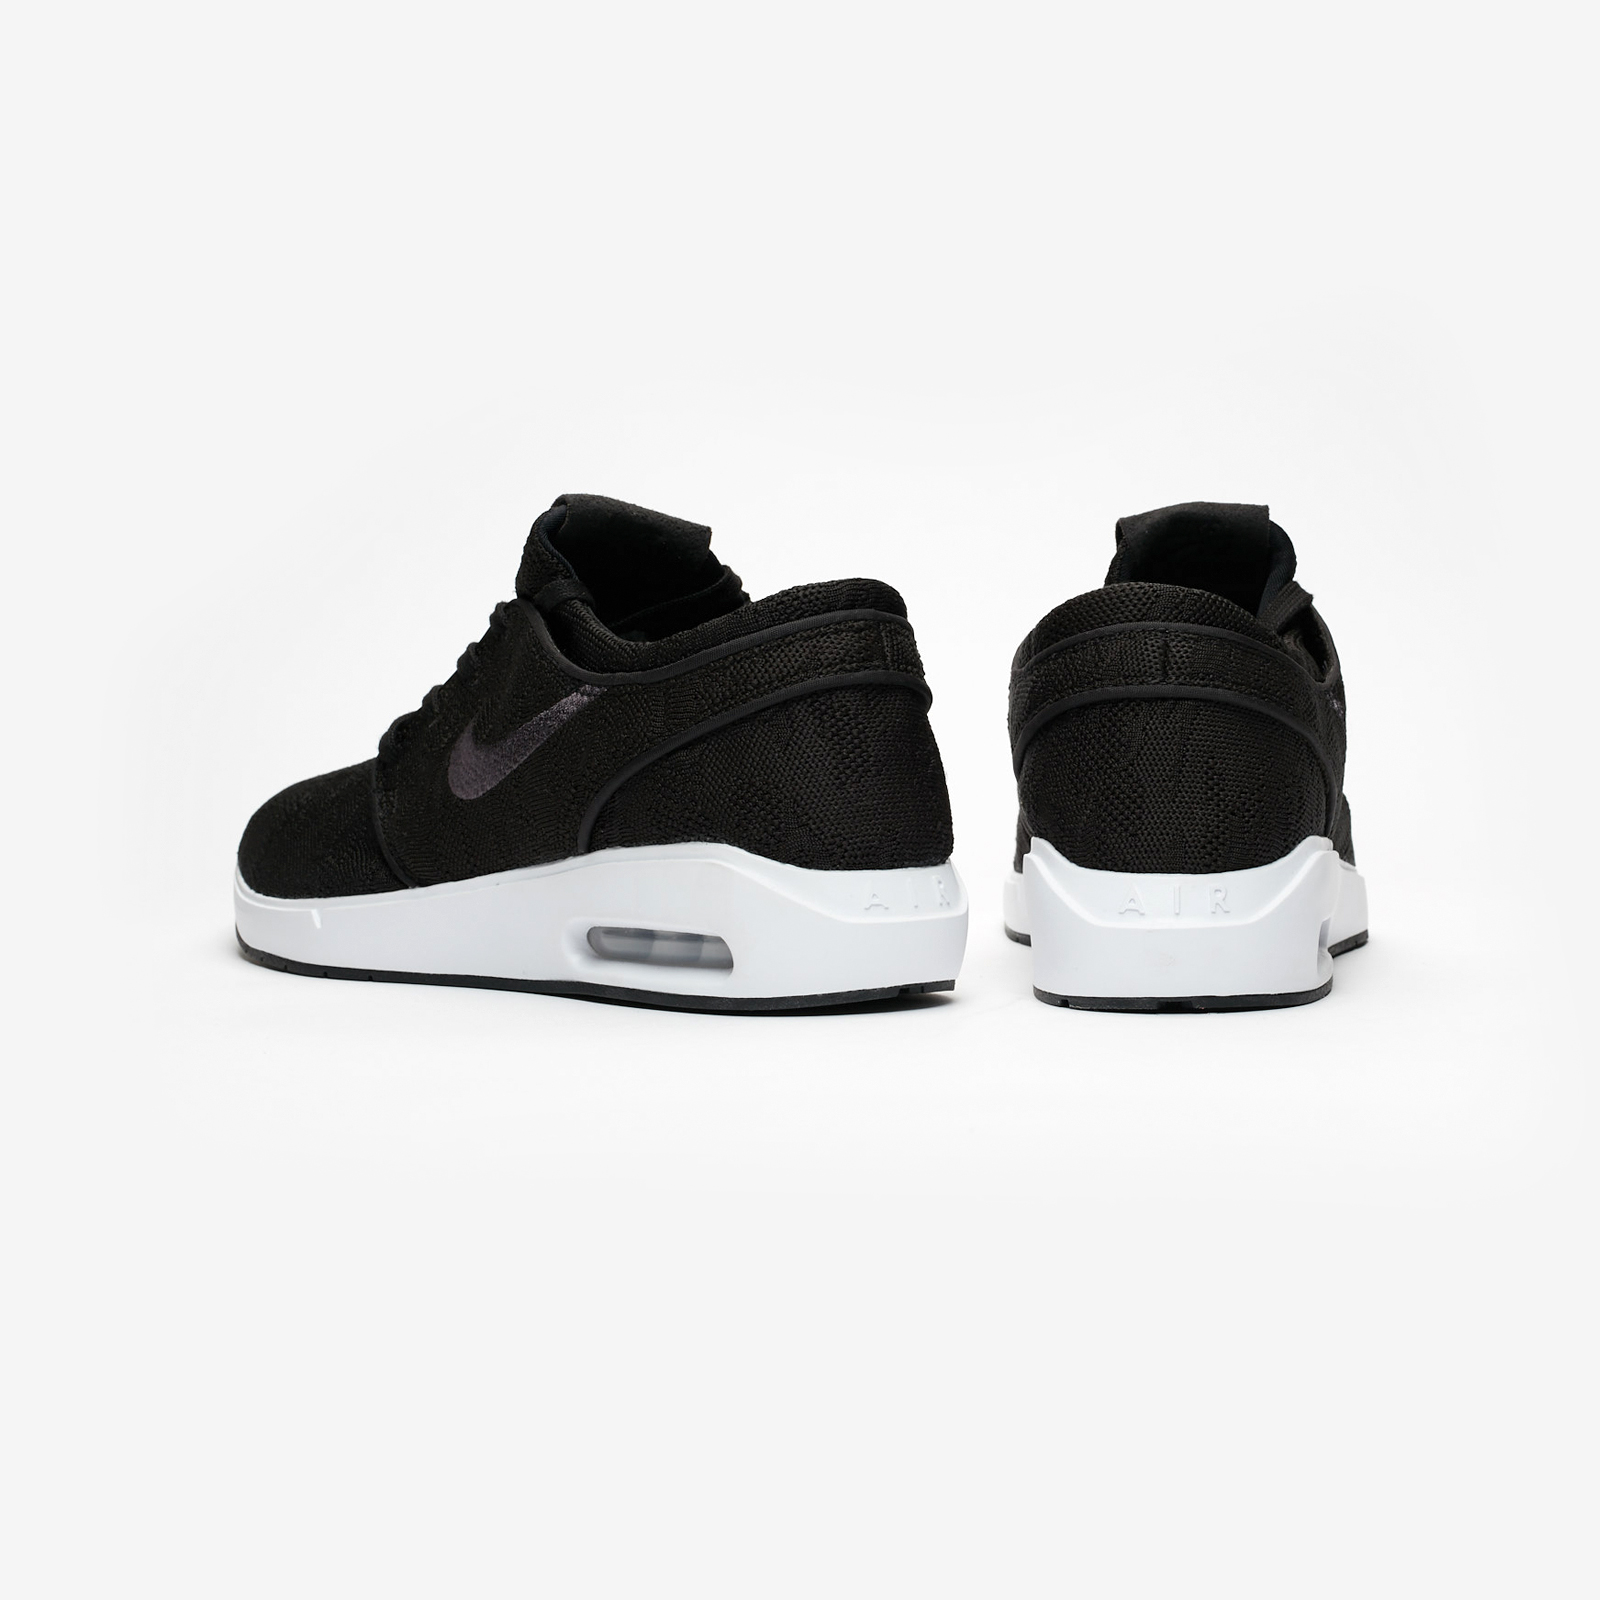 Nike Air Max Janoski 2 Aq7477 001 Sneakersnstuff